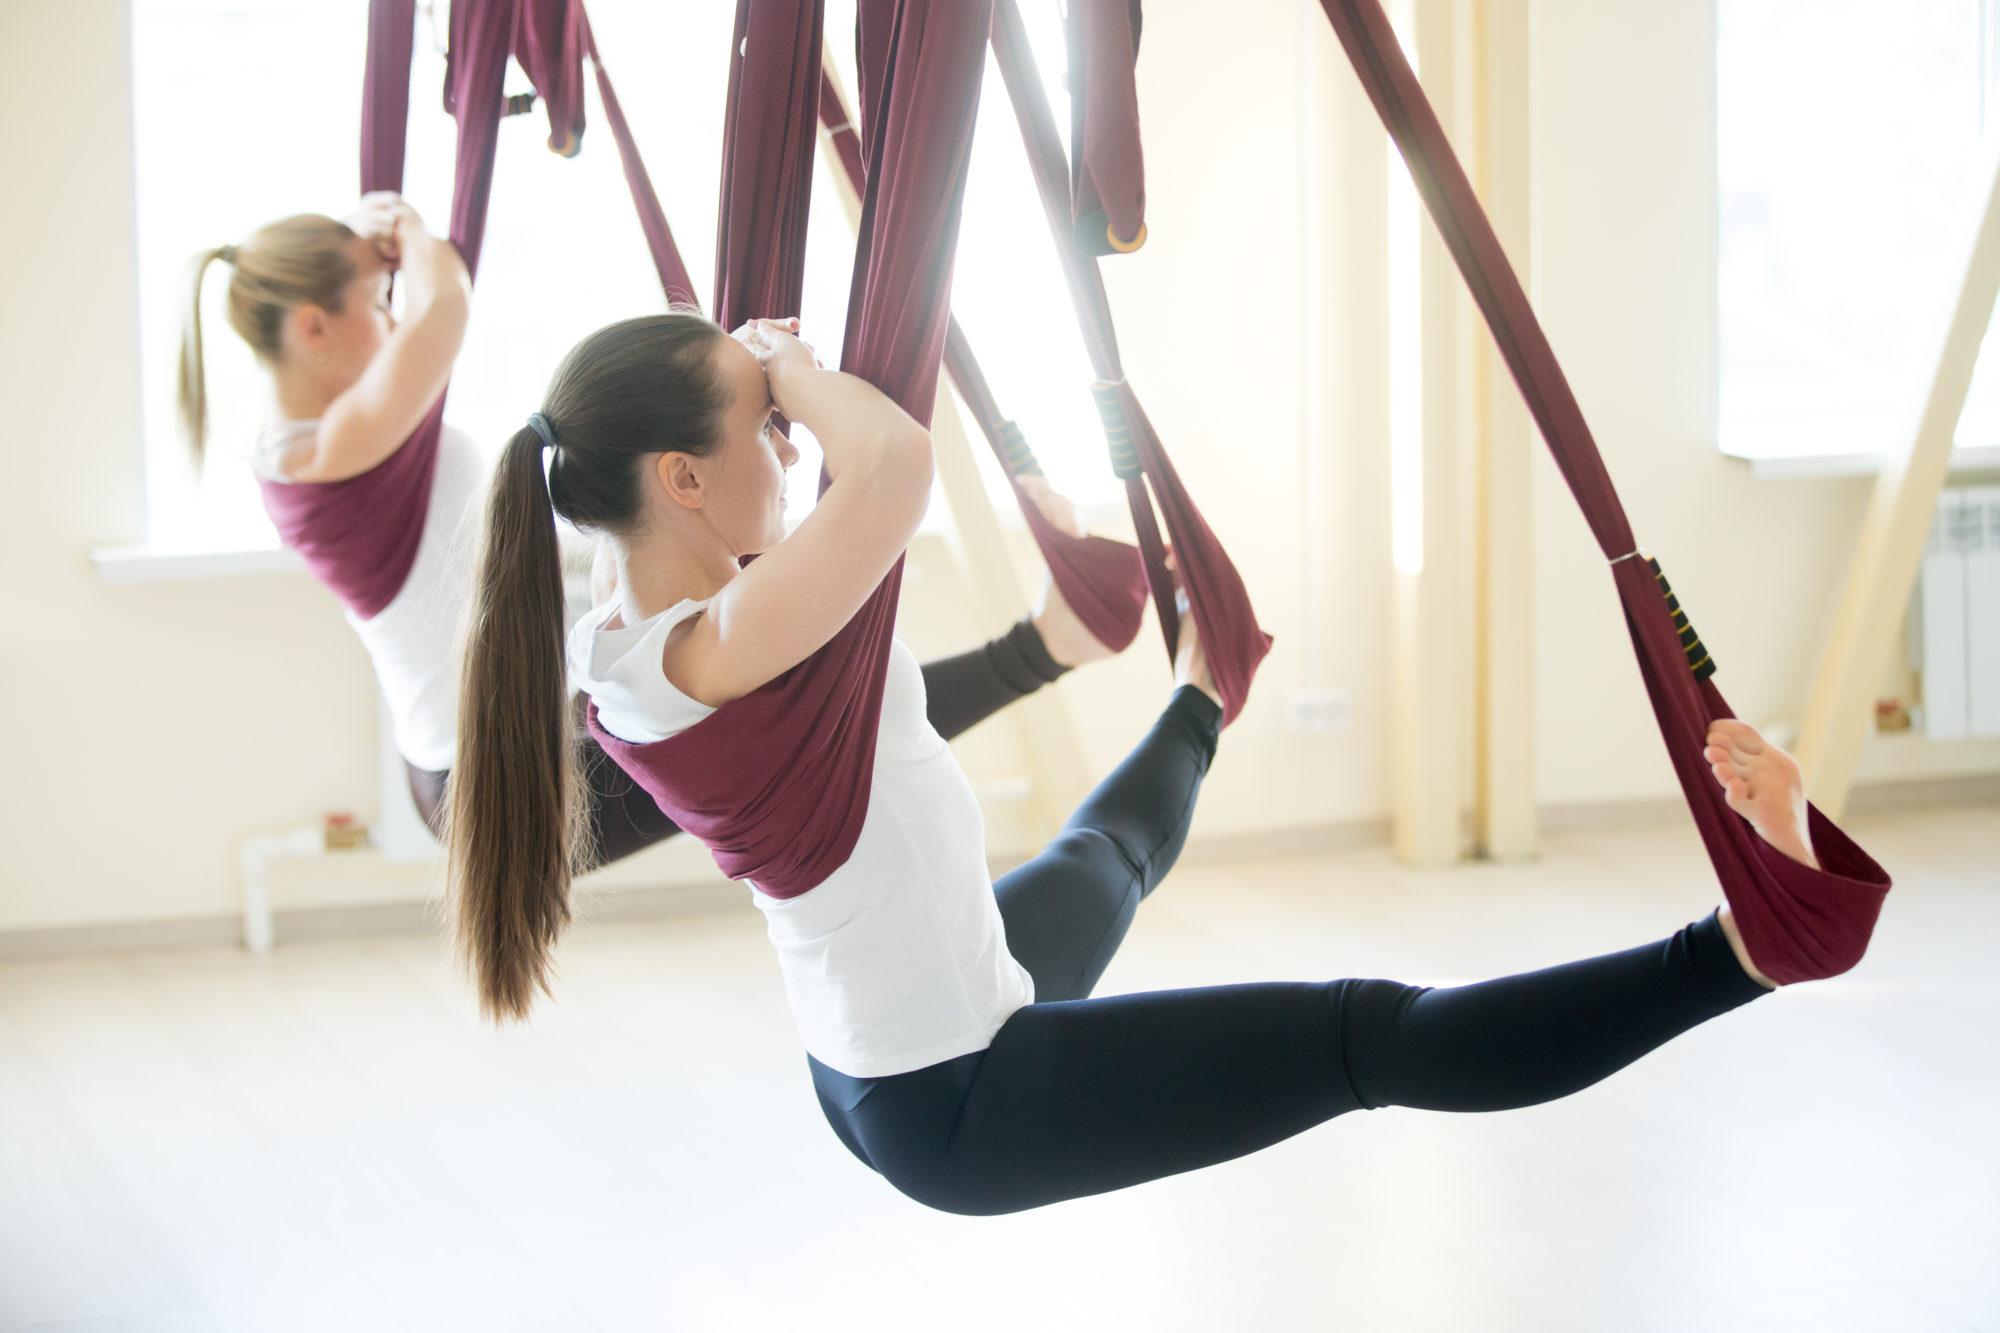 Những lợi ích khi tập yoga bay là gì?